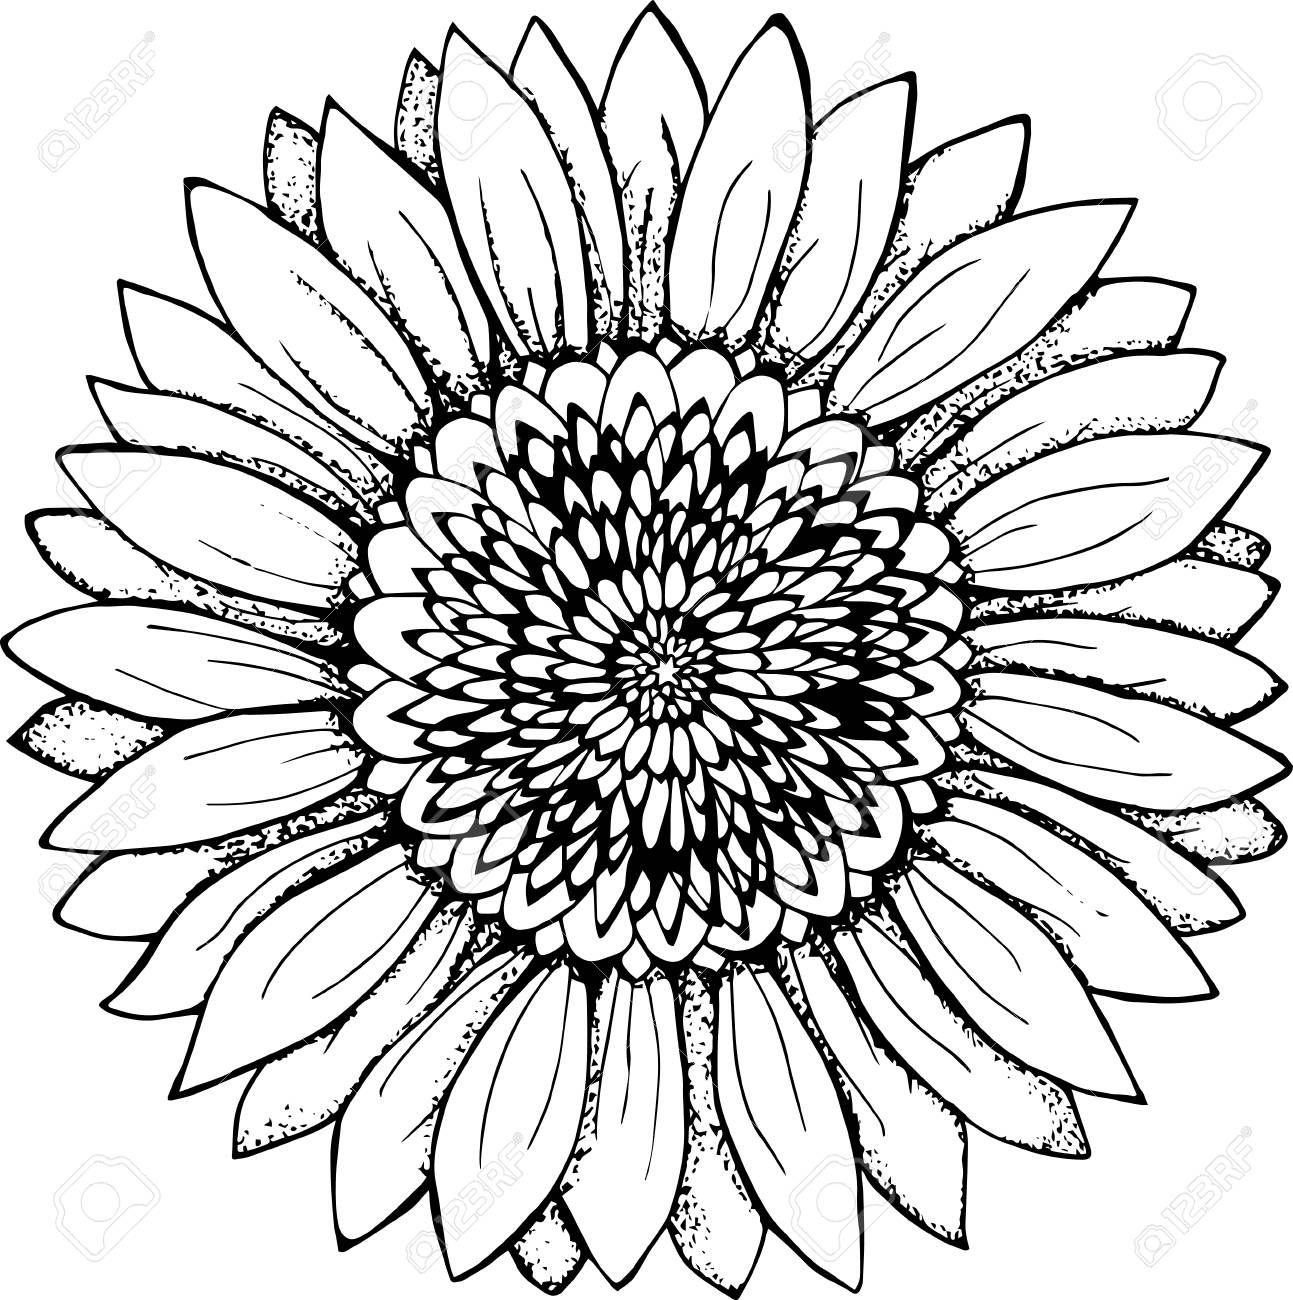 Resultado De Imagem Para Sunflower Clipart Black And White